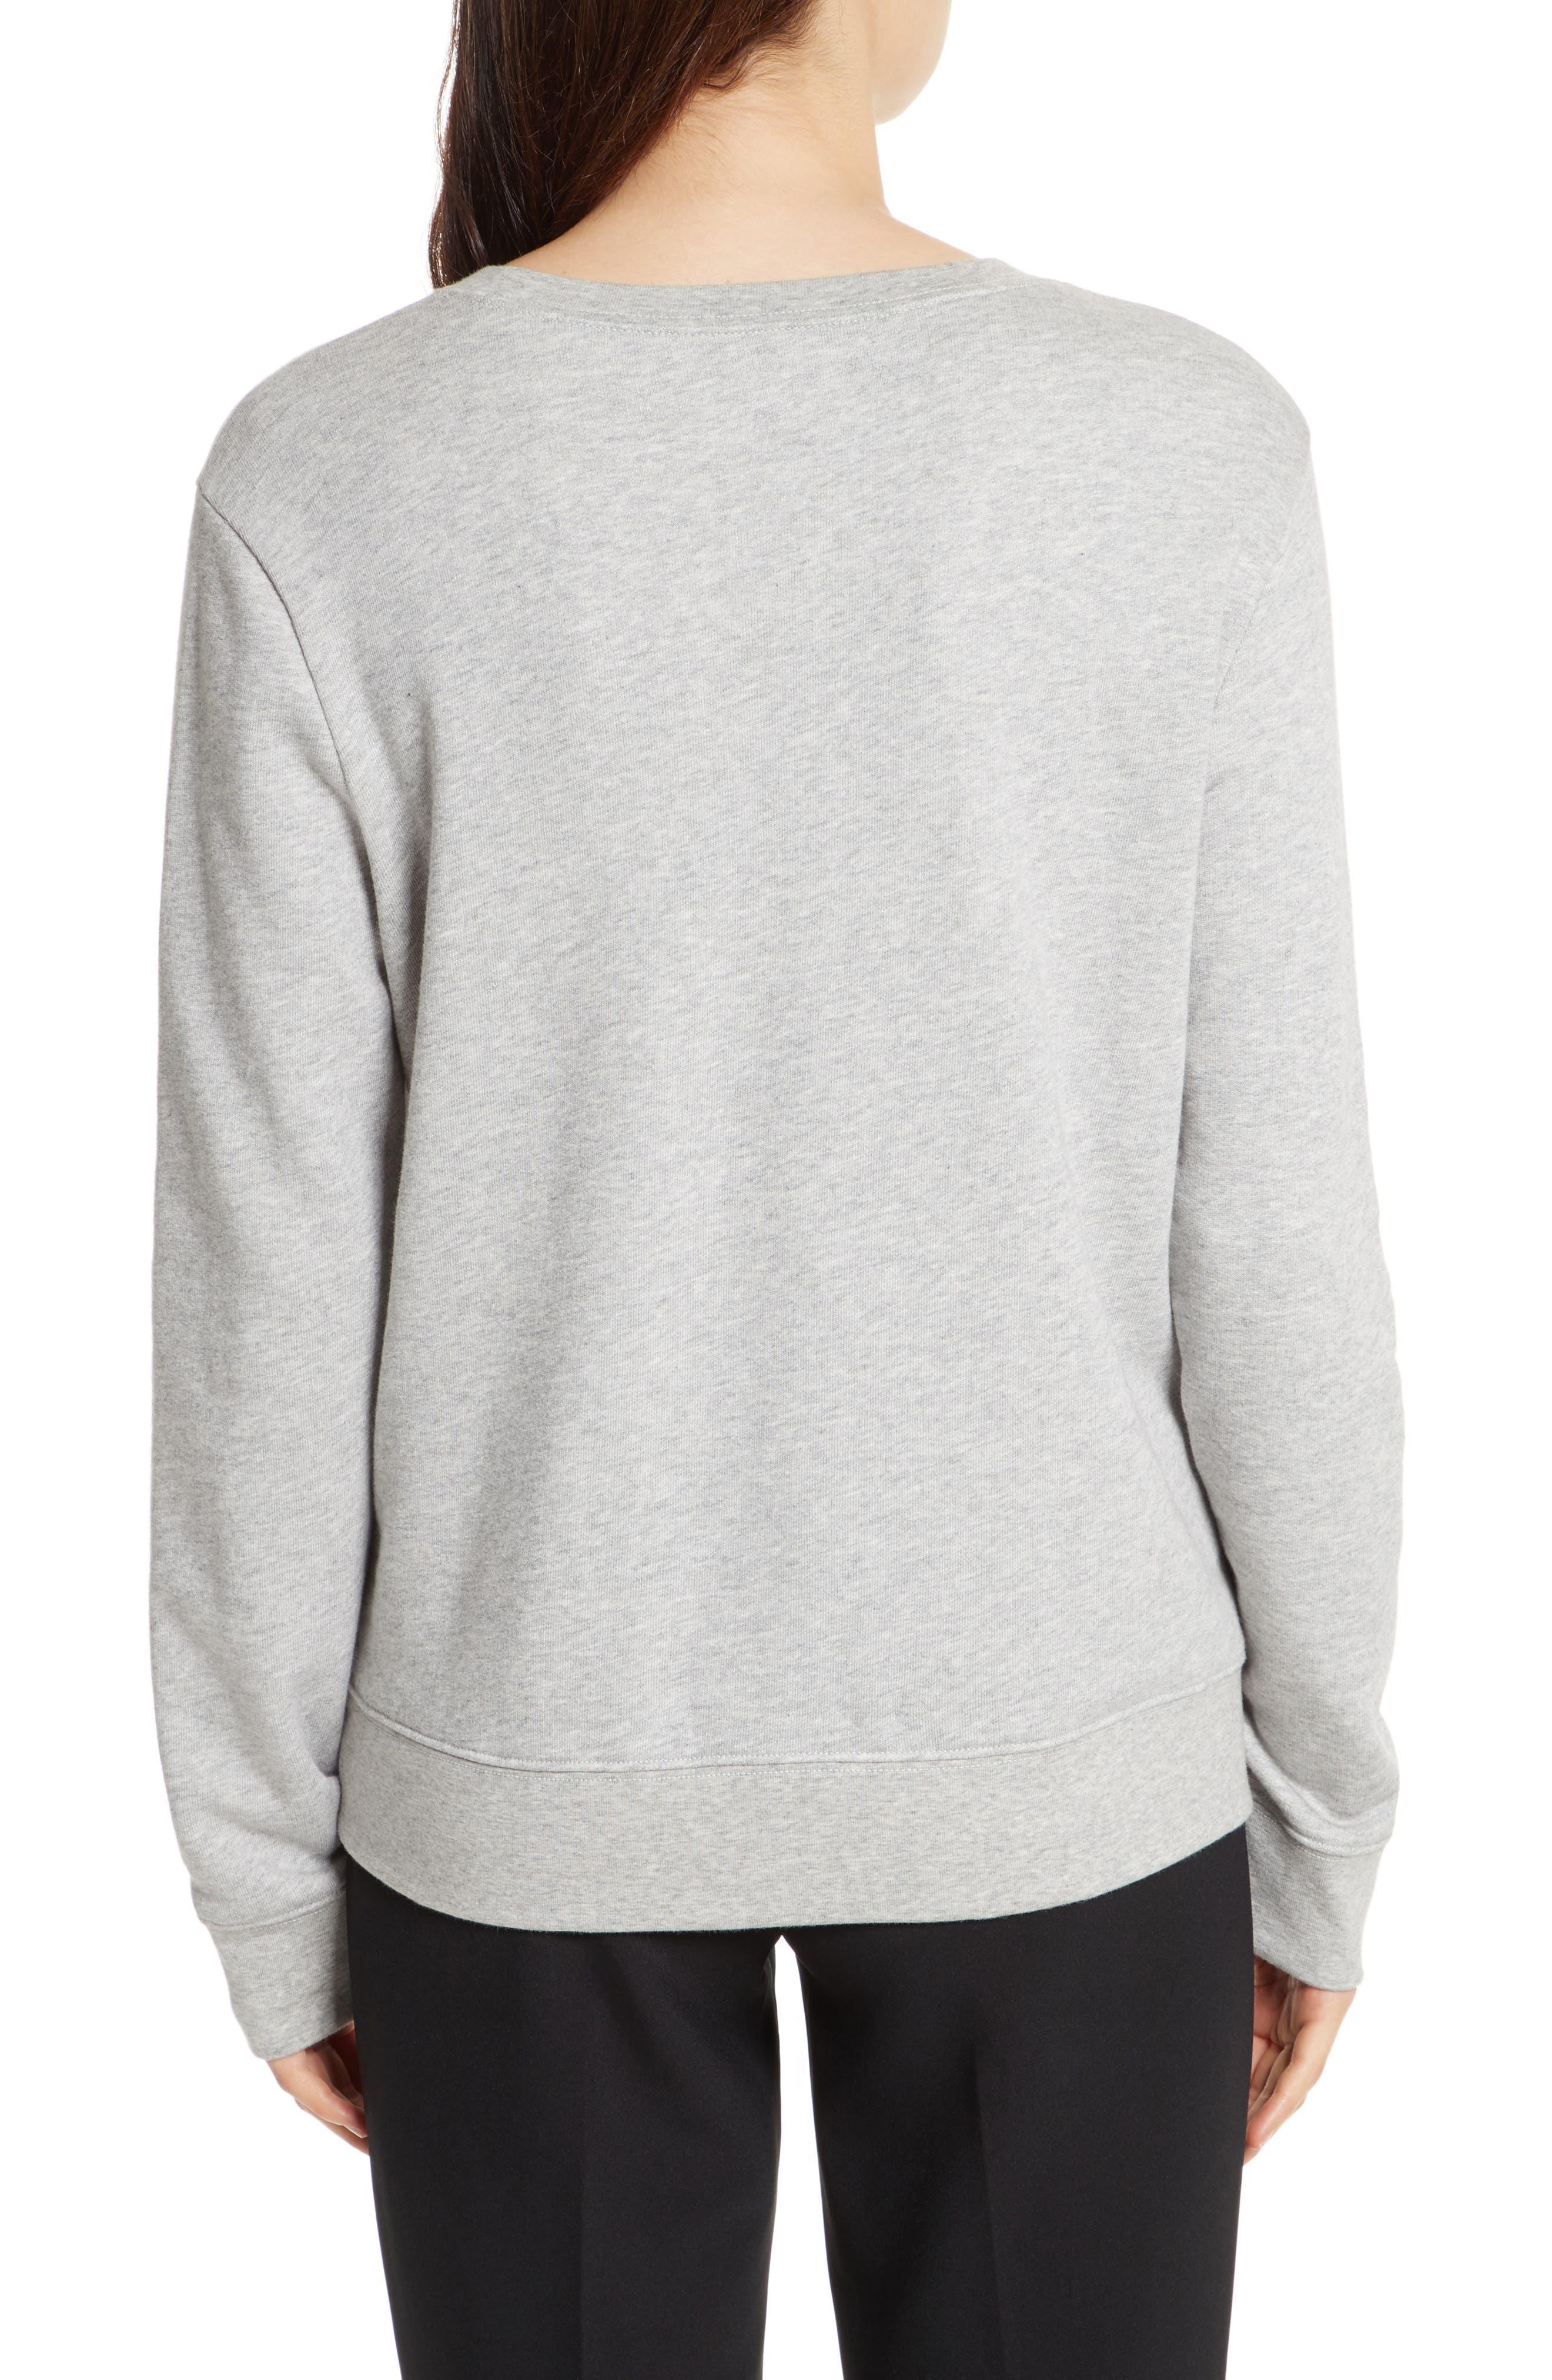 nouveau york sweatshirt,                             Alternate thumbnail 2, color,                             098